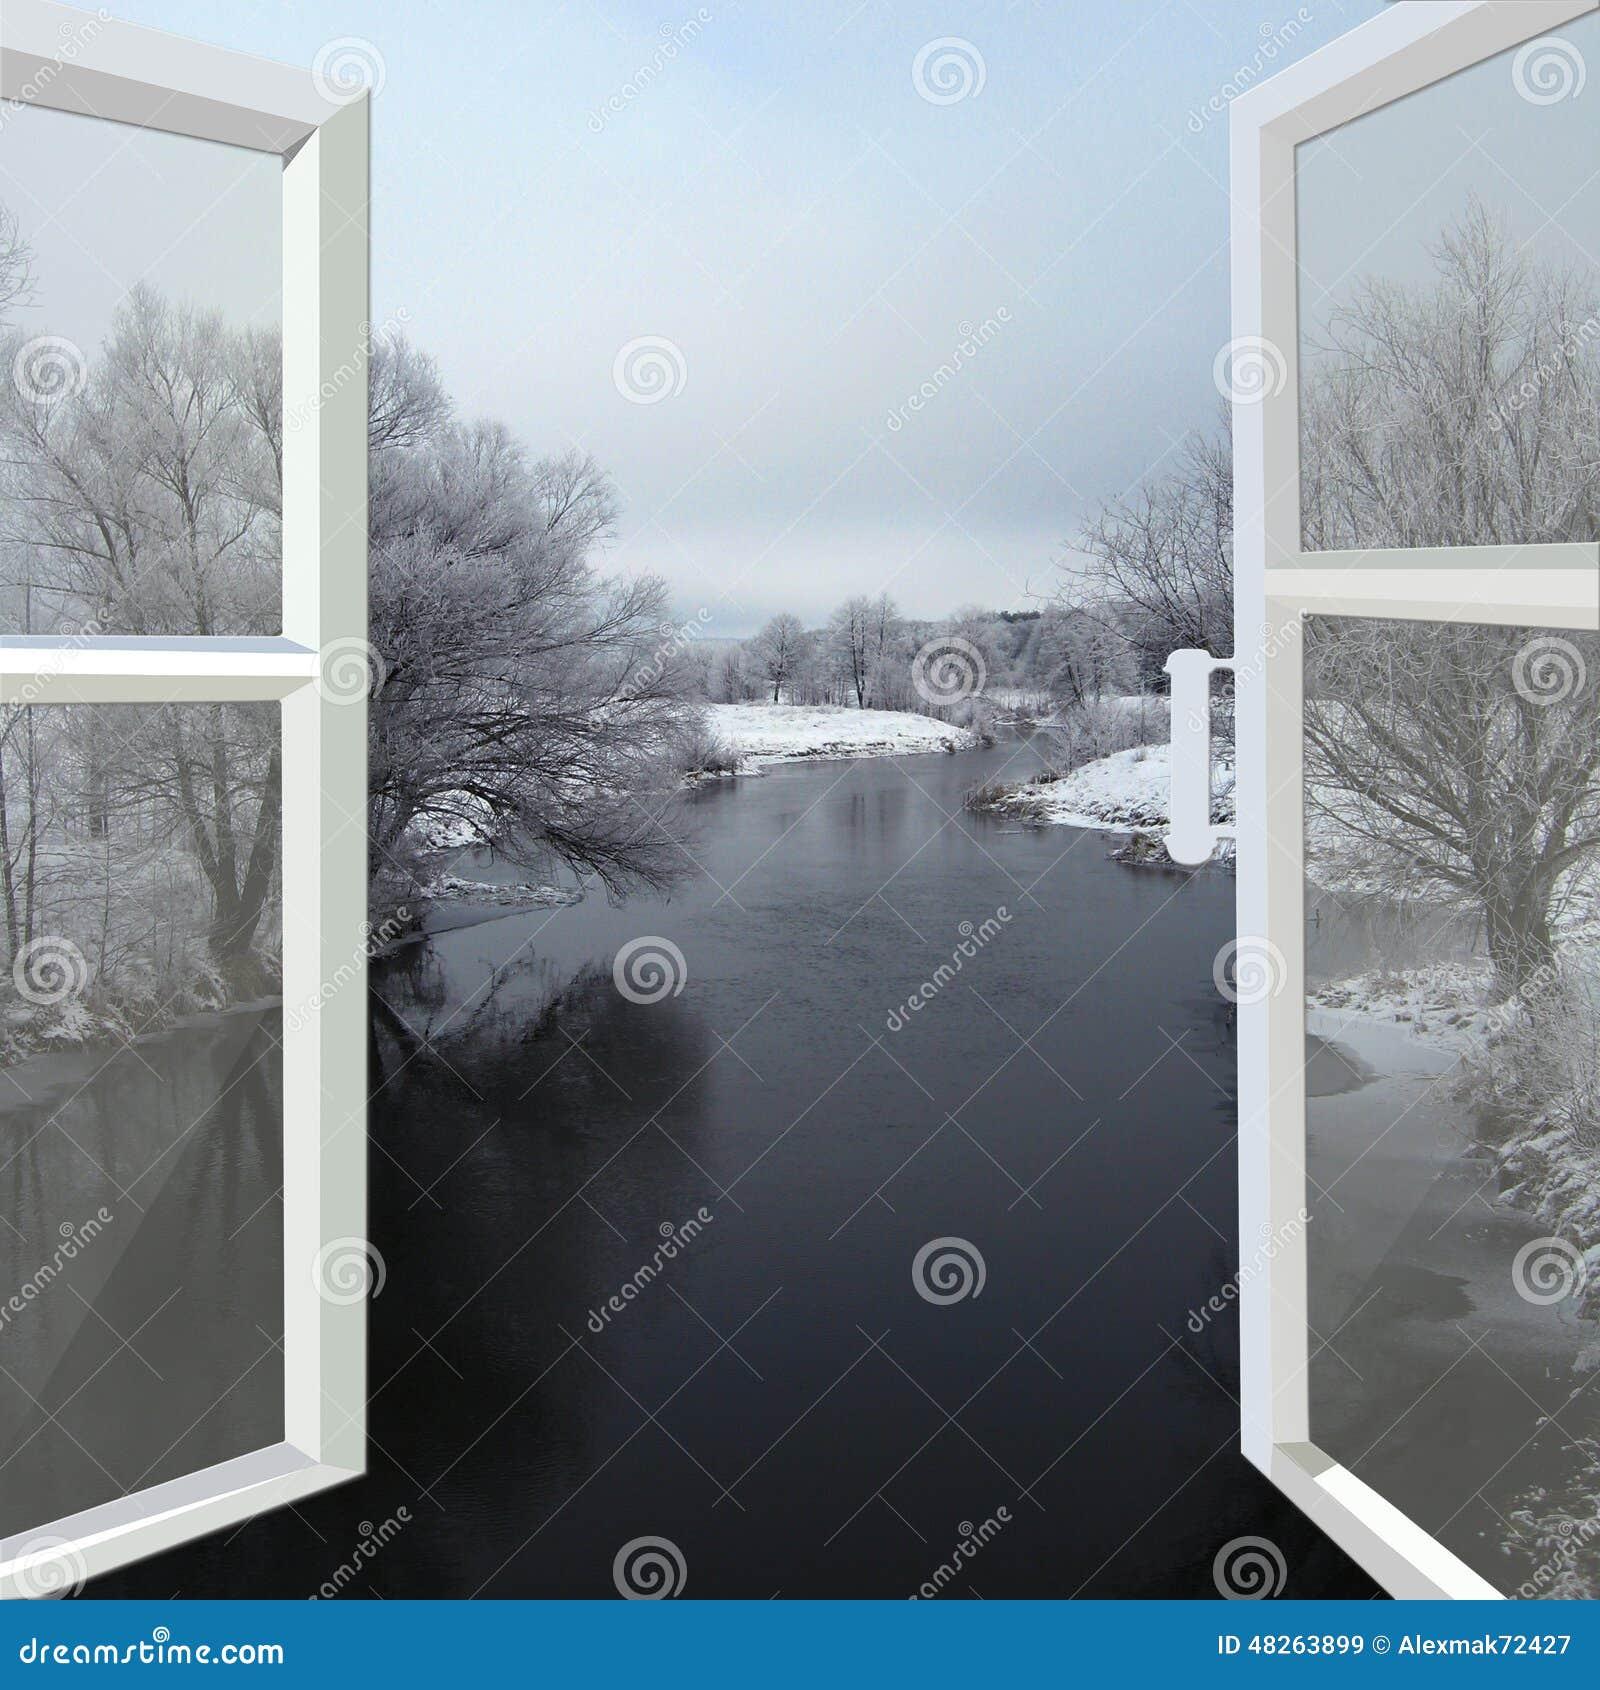 Offenes fenster im winter  Offenes Fenster Zum Winterfluß Stockfoto - Bild: 48263899